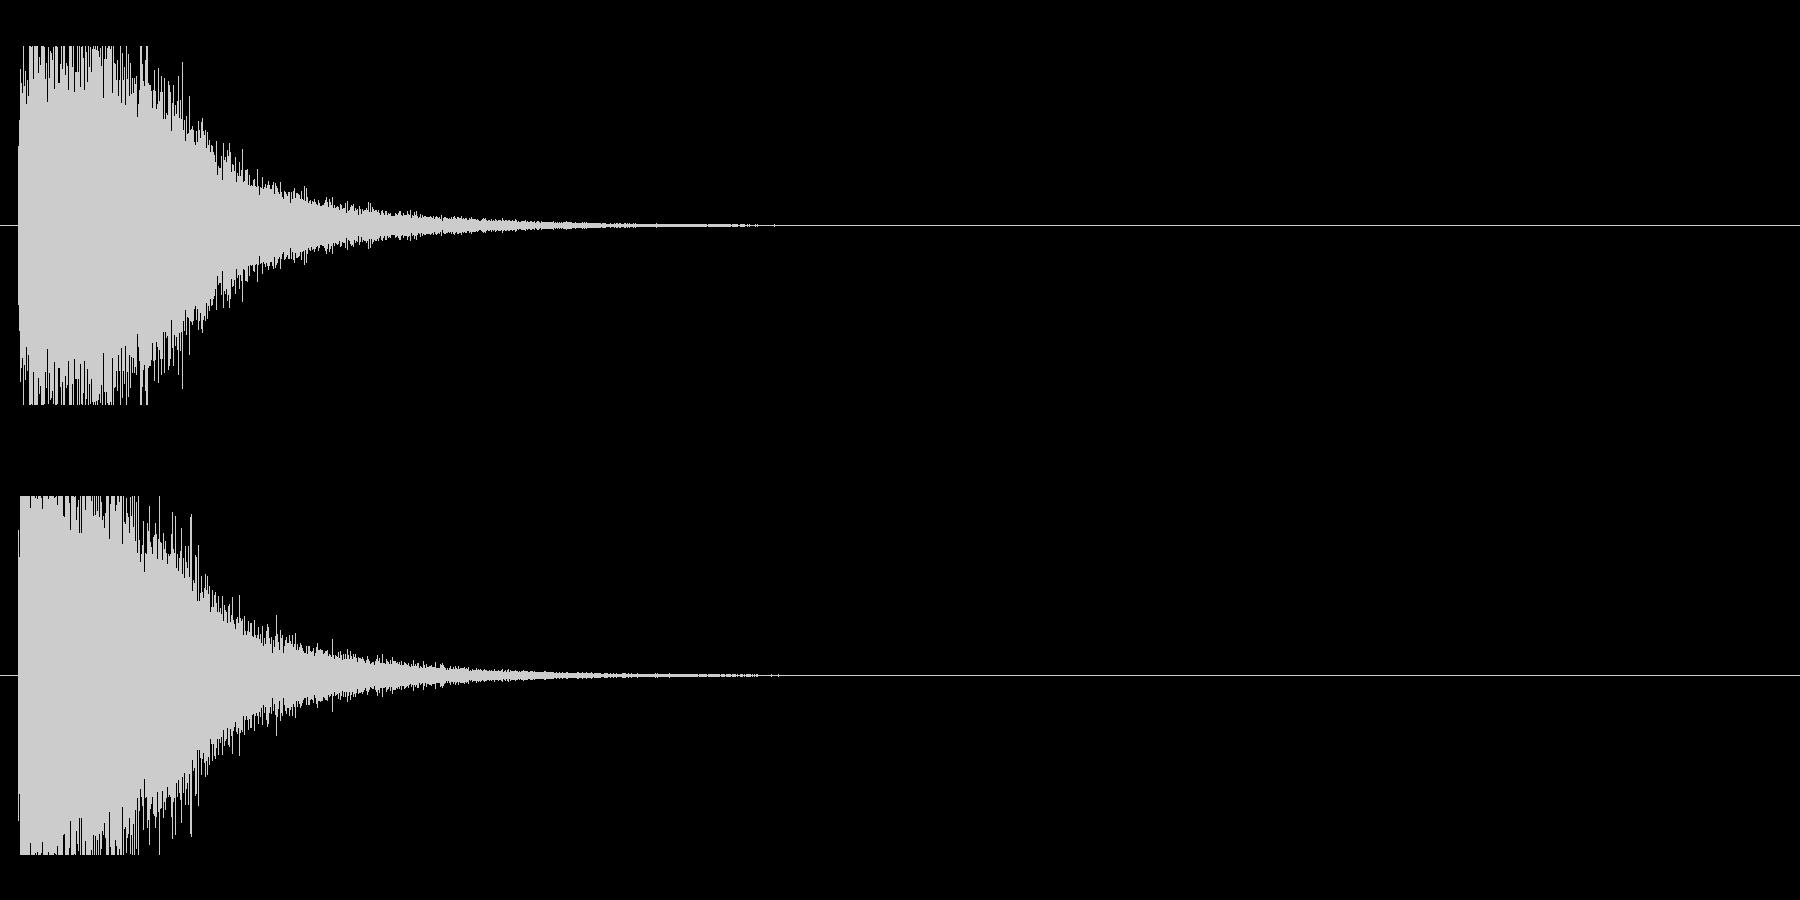 レーザー音-77-1の未再生の波形